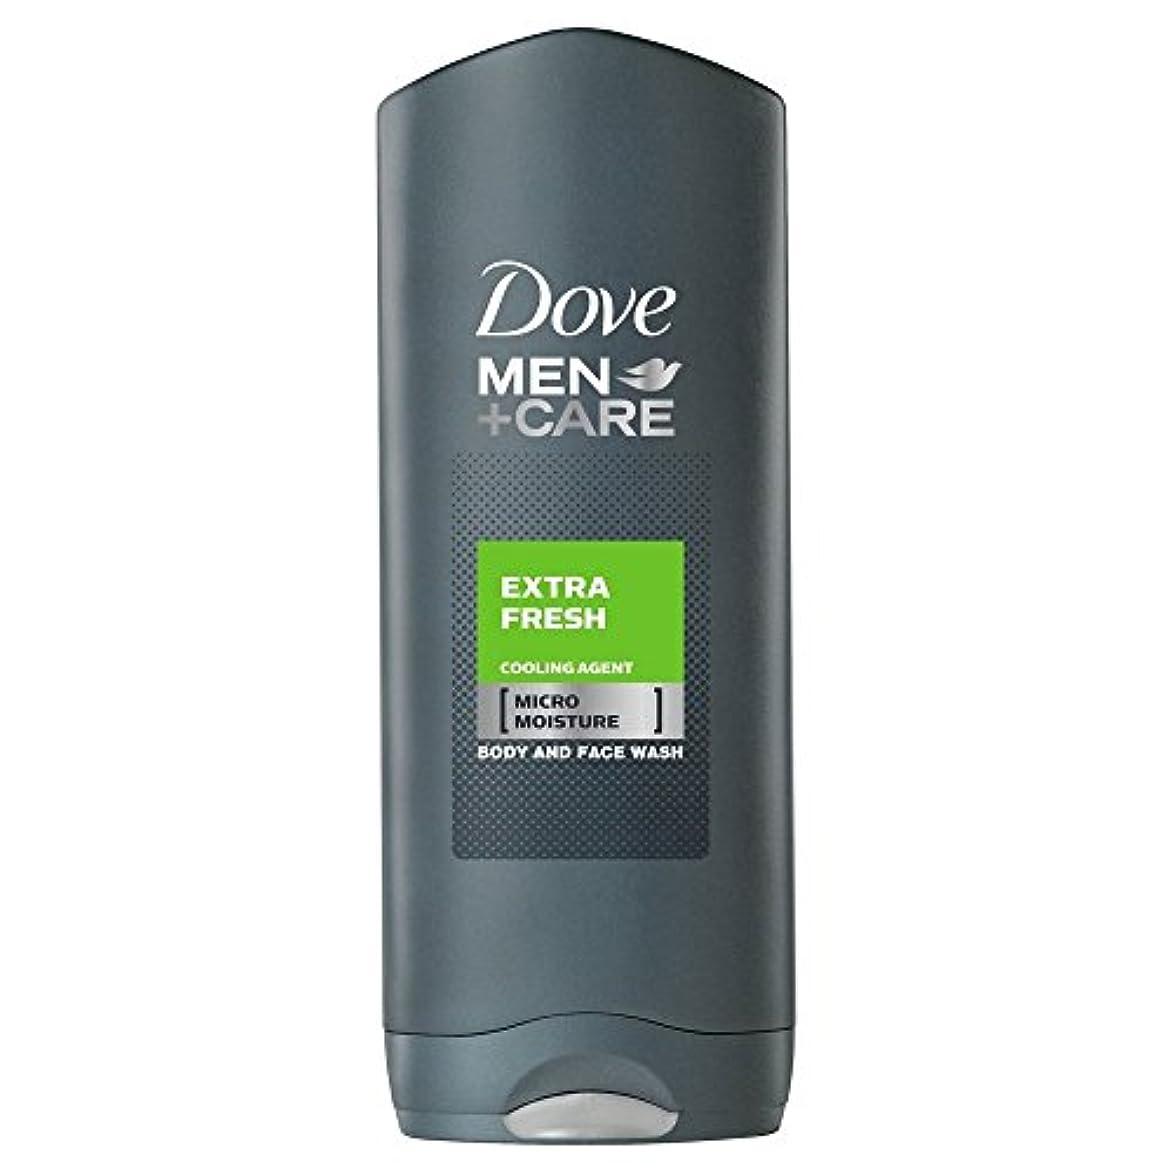 予言する嫌悪瞑想するDove Men + Care Body & Face Wash - Extra Fresh (250ml) 鳩の男性は+ボディと洗顔ケア - 余分な新鮮な( 250ミリリットル)を [並行輸入品]